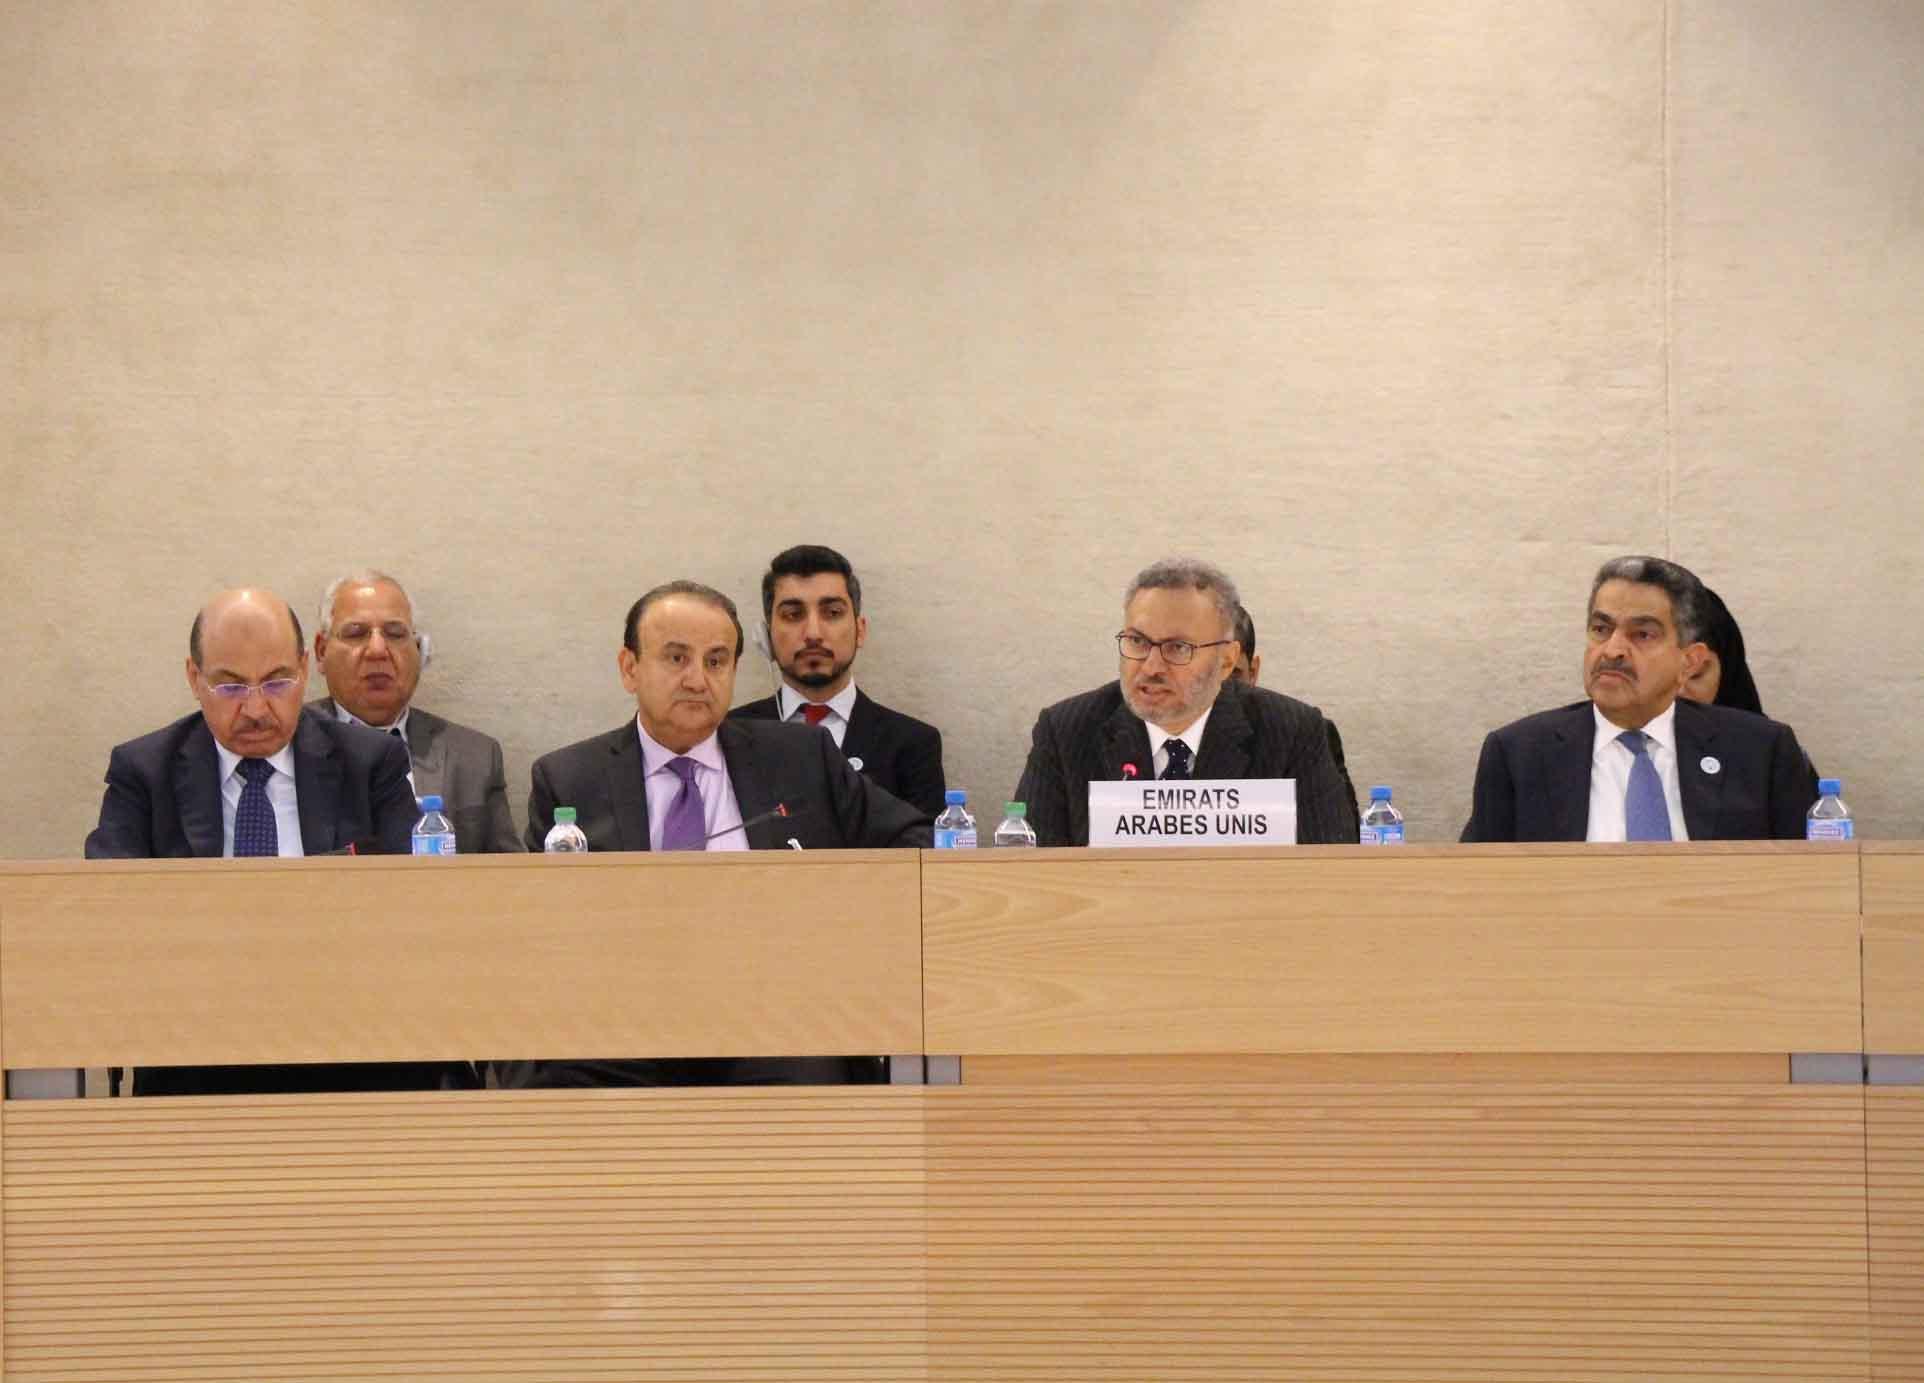 الإمارات تقدم تقريرها الوطني الثالث في إطار الاستعراض الدوري الشامل لحقوق الإنسان في جنيف 2